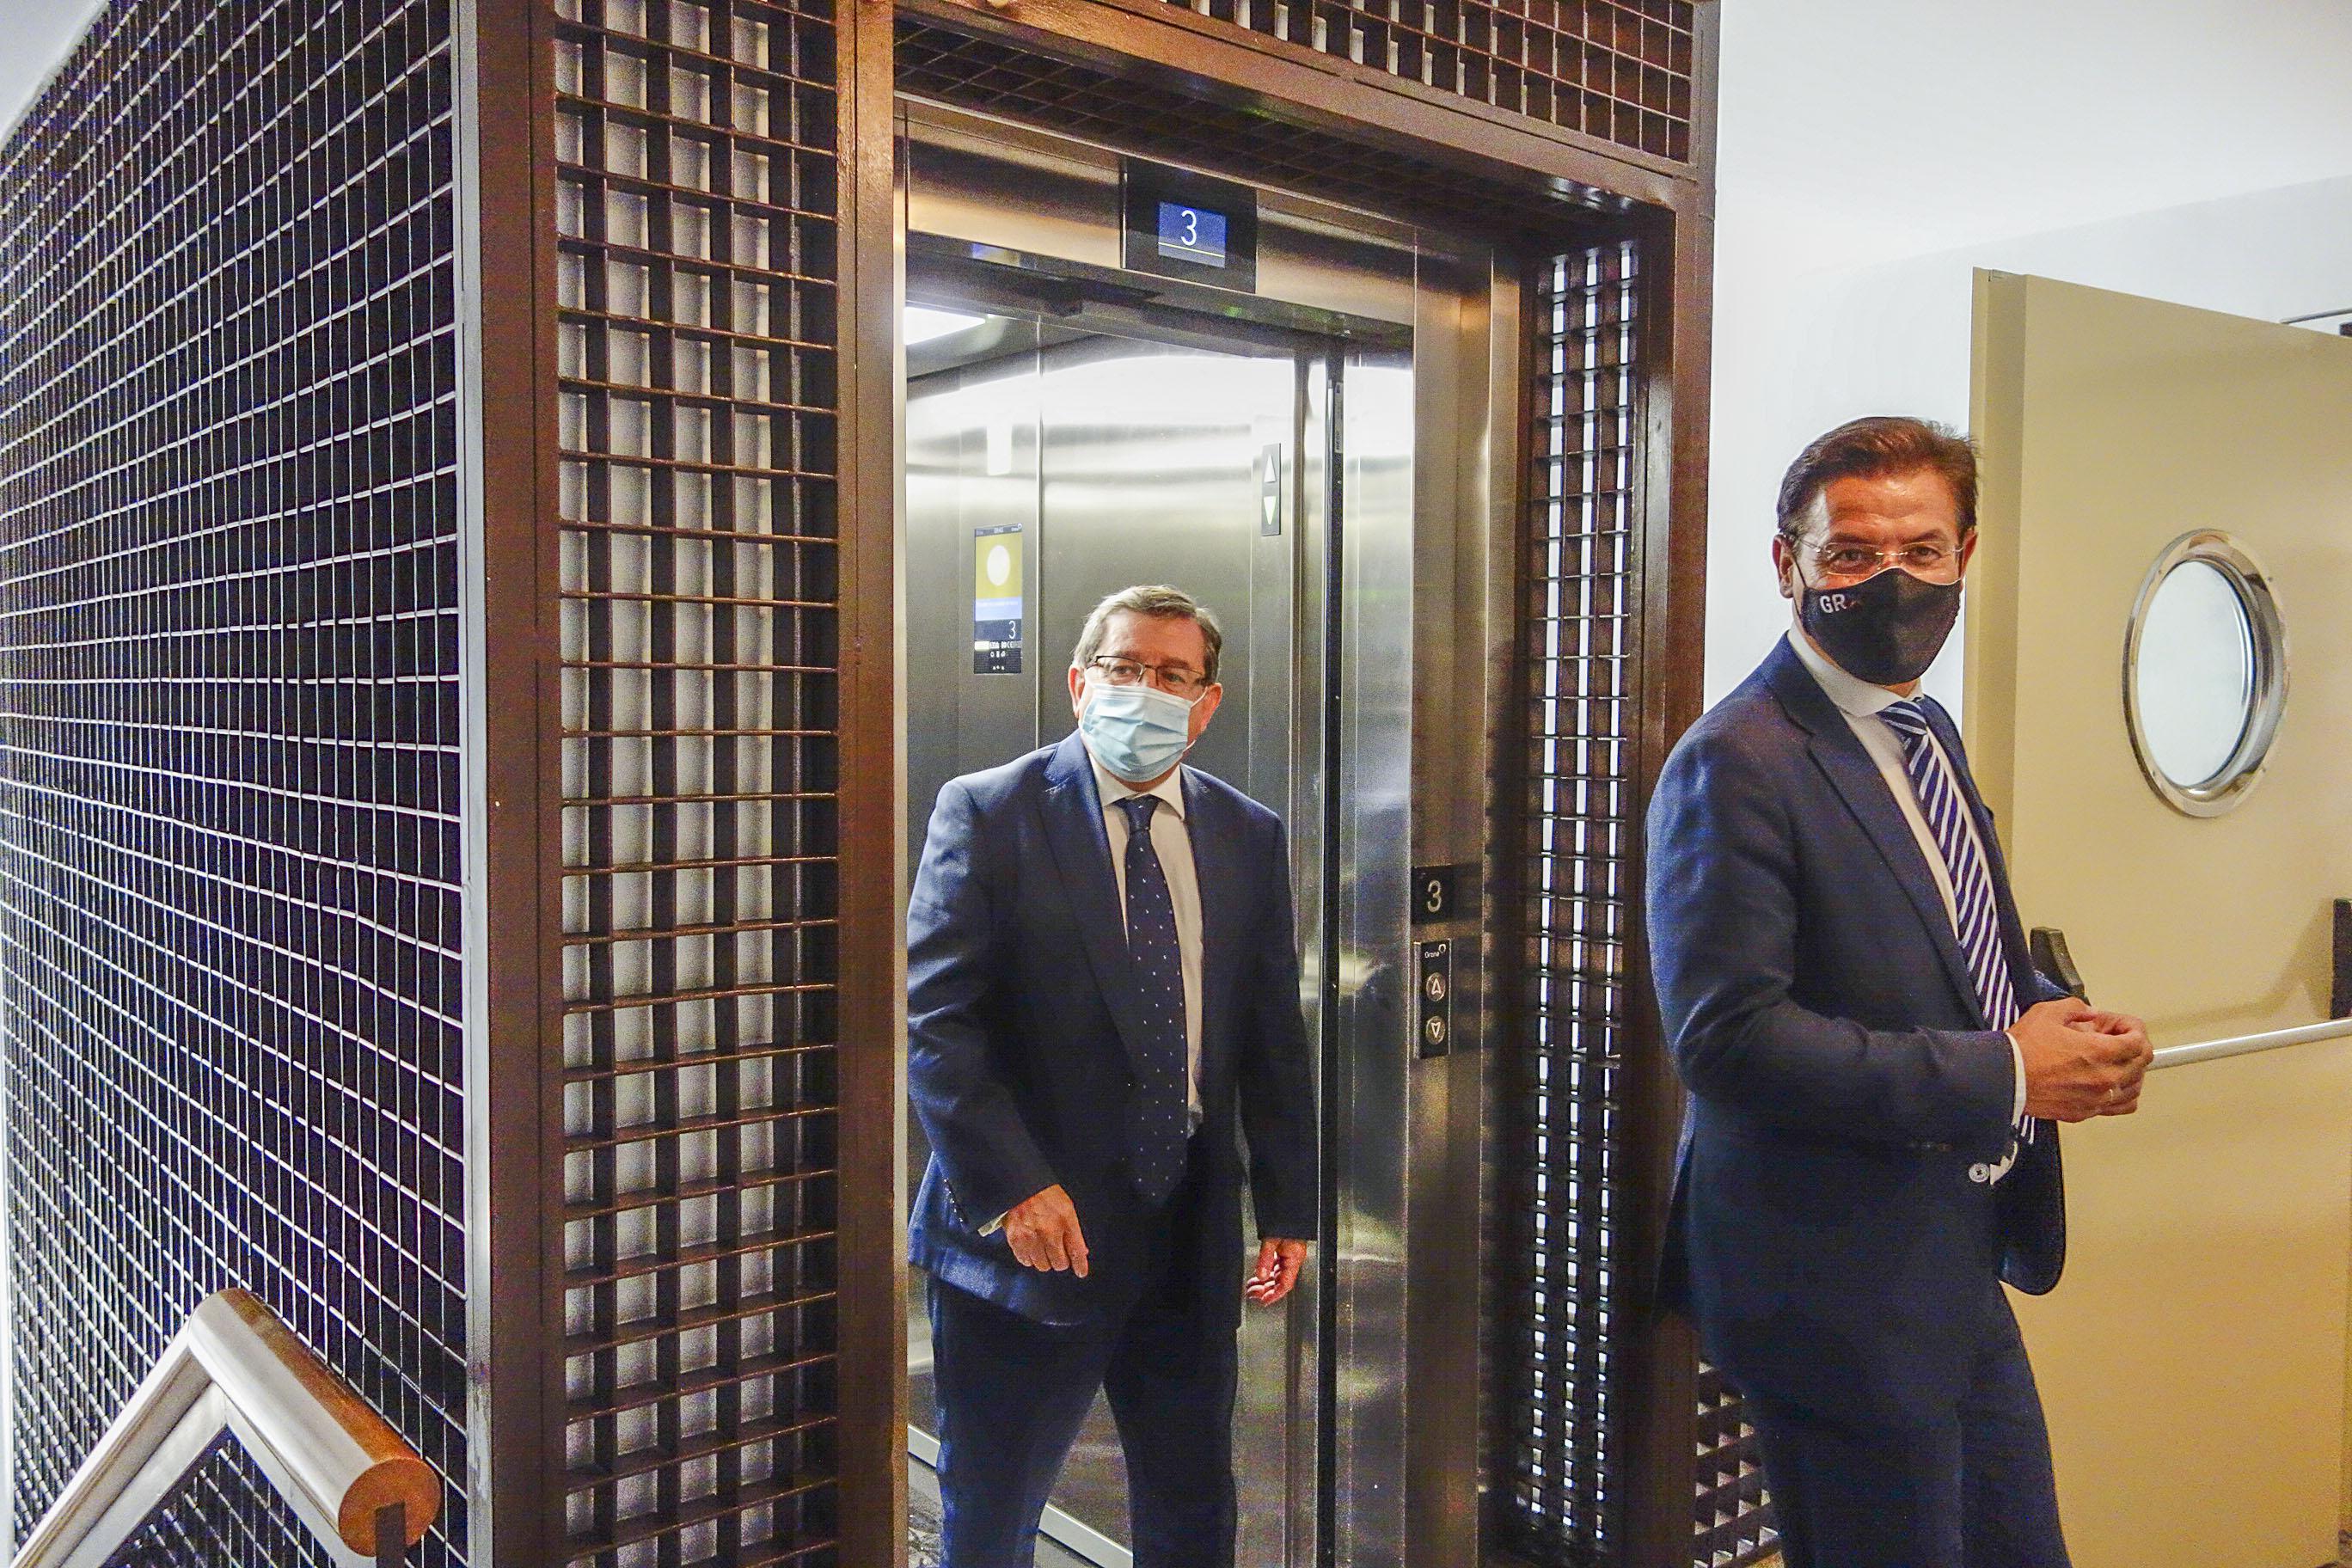 El Ayuntamiento pone en marcha el ascensor tras 3 años averiado